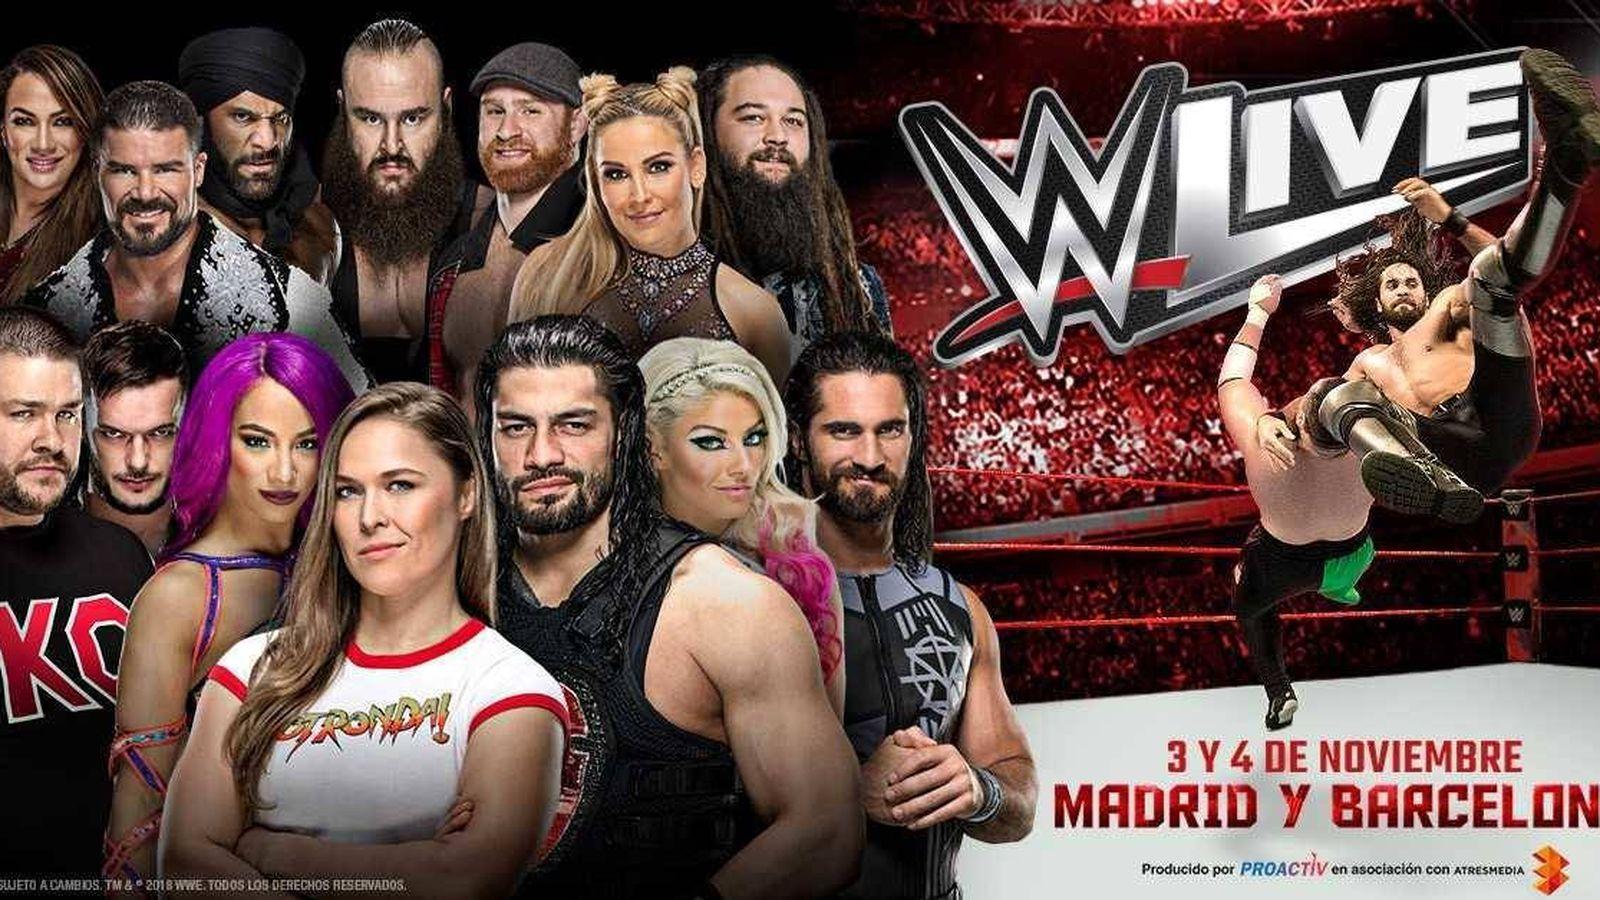 Foto: Ronda Rousey ha sido la principal estrella del WWE Live que ha pasado por Madrid y Barcelona.